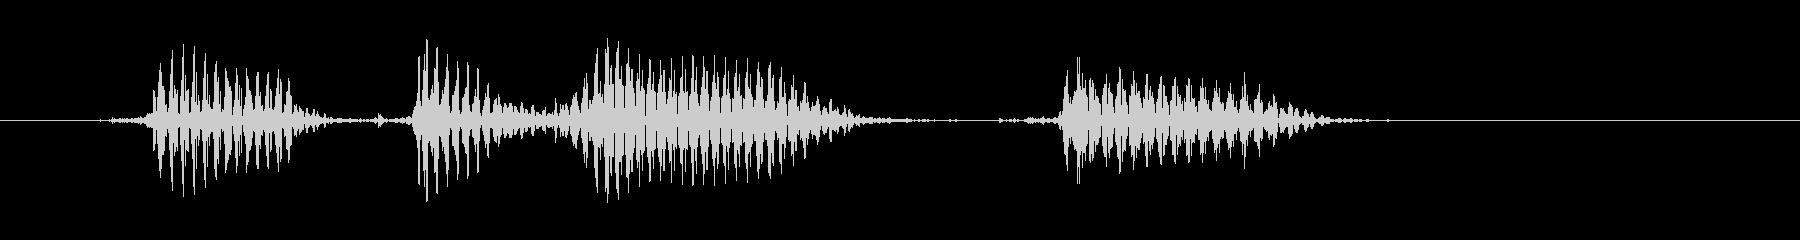 ティーンオスC:ハッピーバースデーの未再生の波形